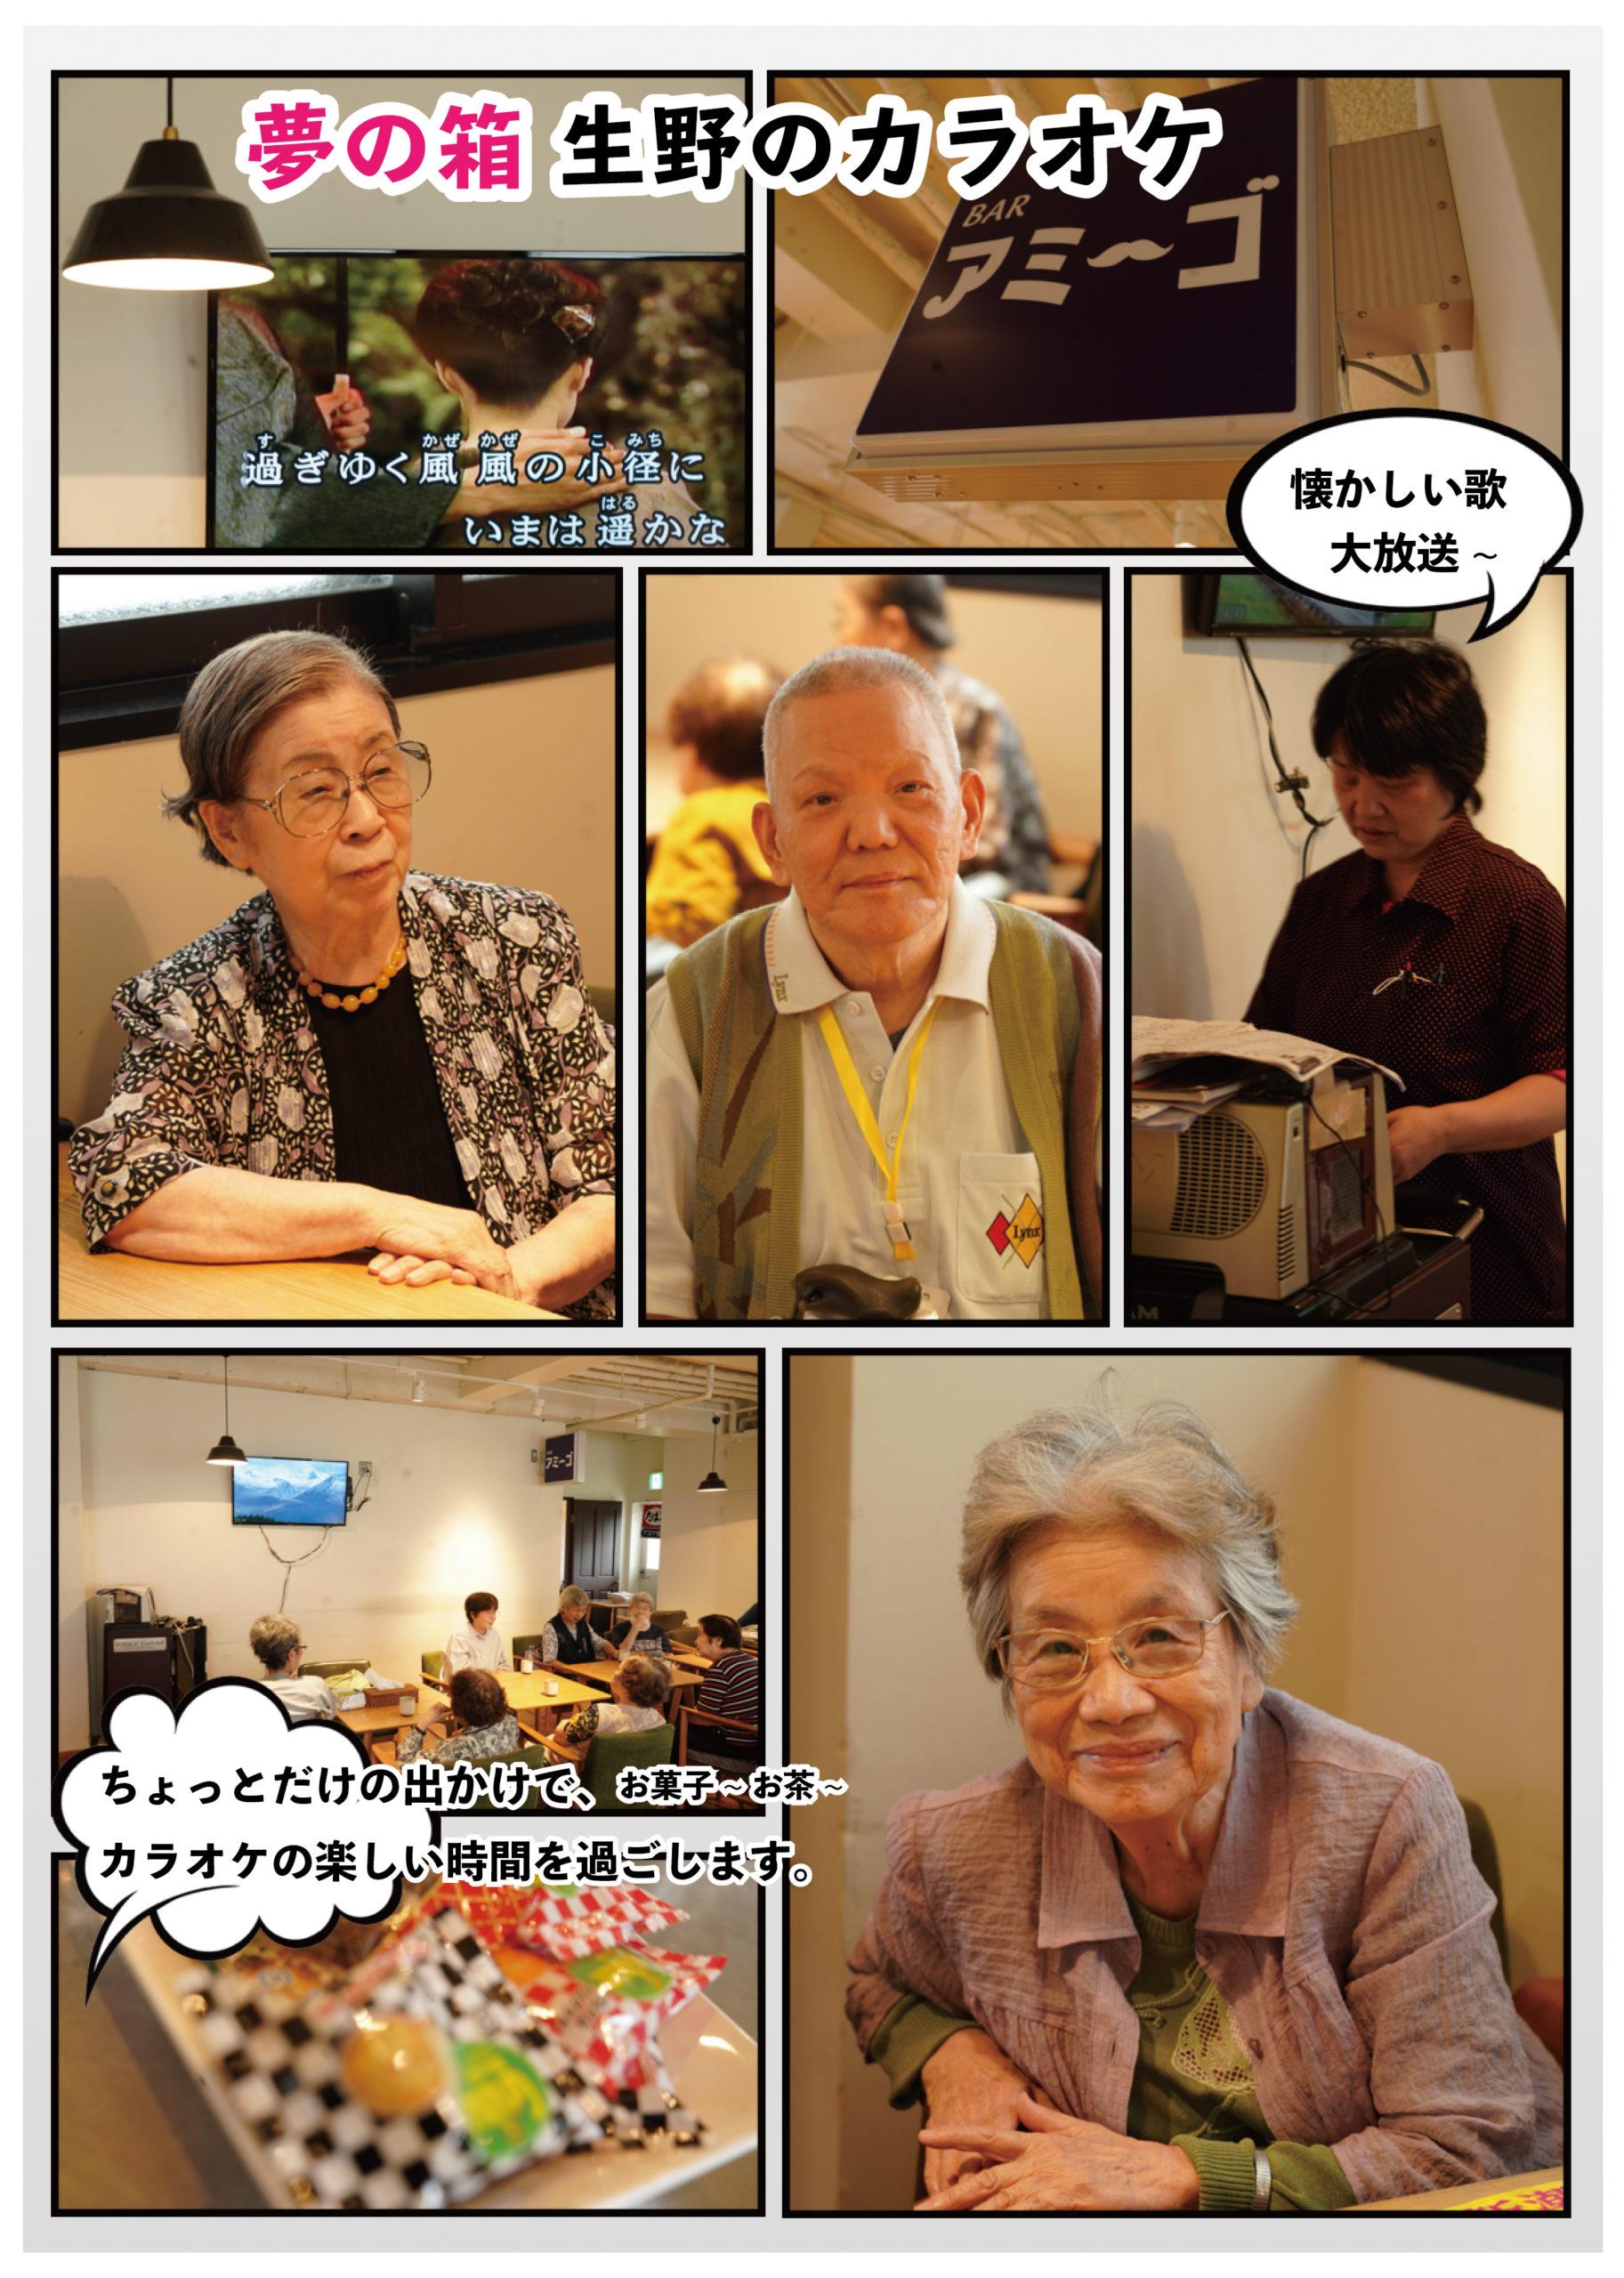 カラオケ会を開催しました。